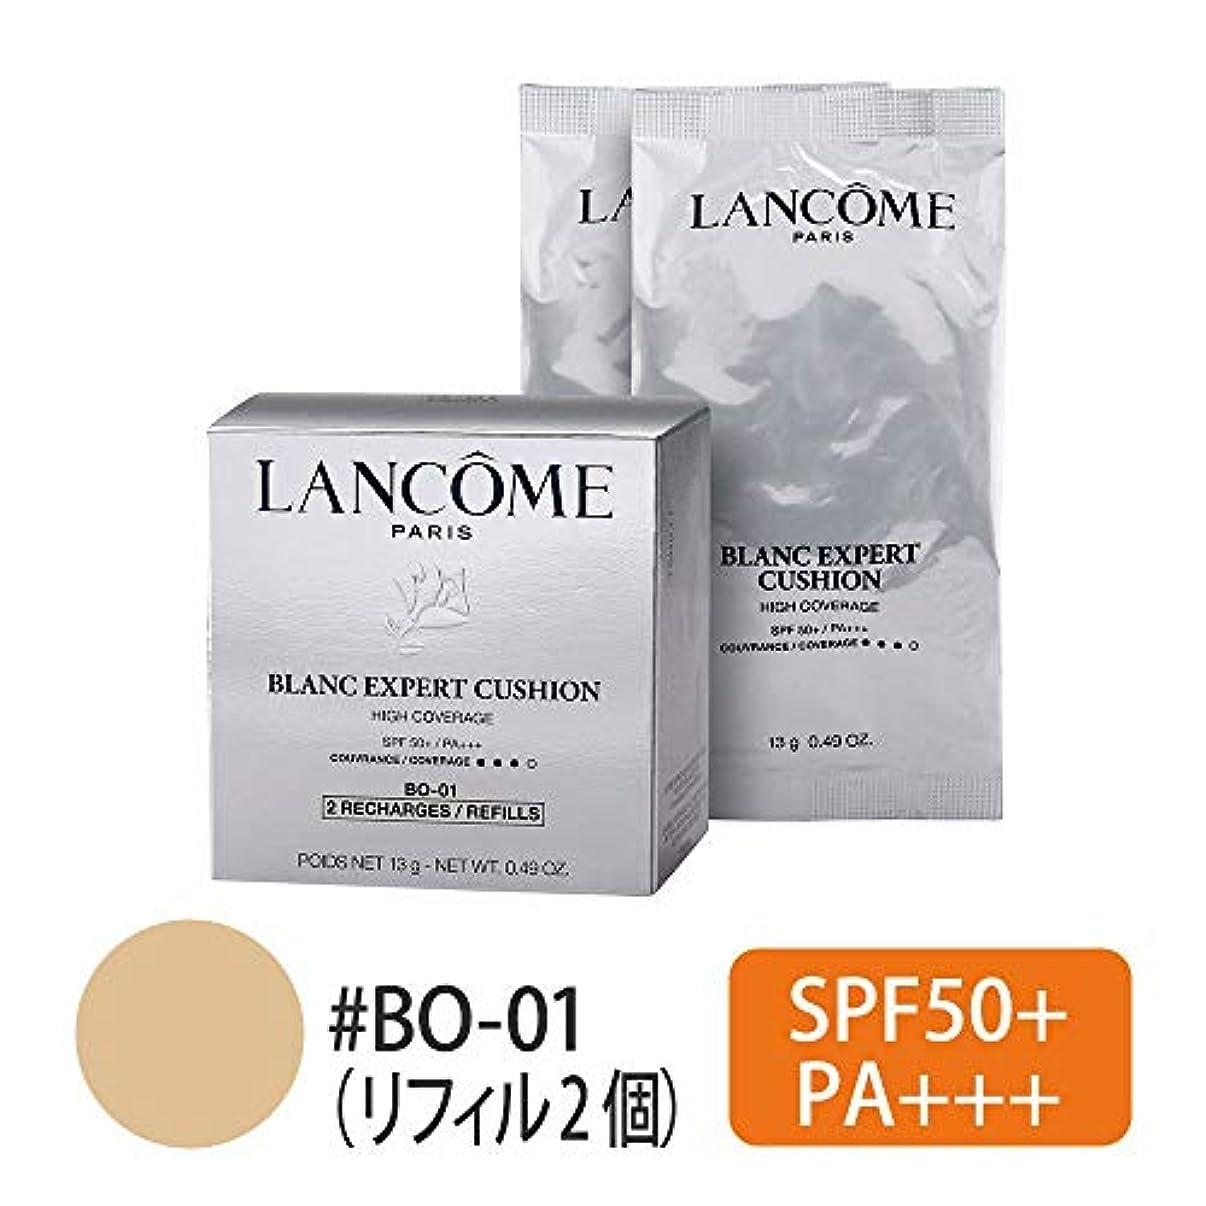 減るシソーラスぶどうランコム(LANCOME) ブラン エクスペール クッション コンパクト H (レフィル2個) #BO-01 SPF50+/PA+++ 13gx2 [並行輸入品]